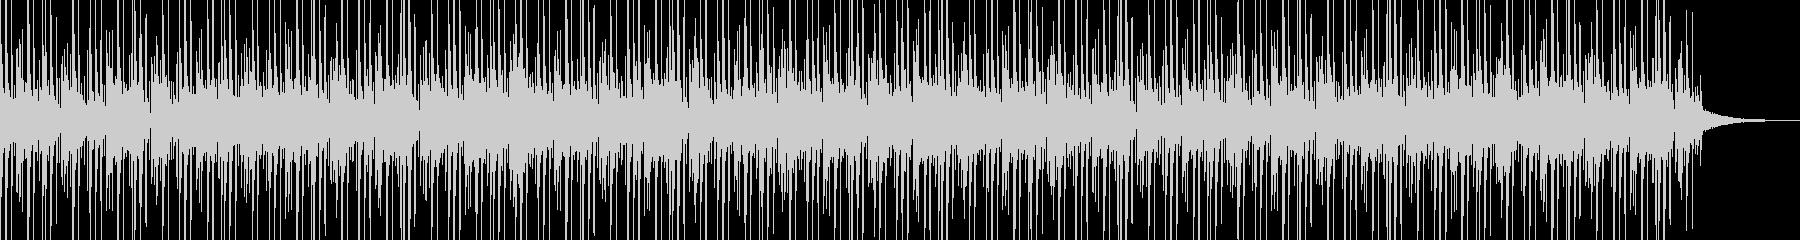 ムーディーなアシッドジャズトラック...の未再生の波形